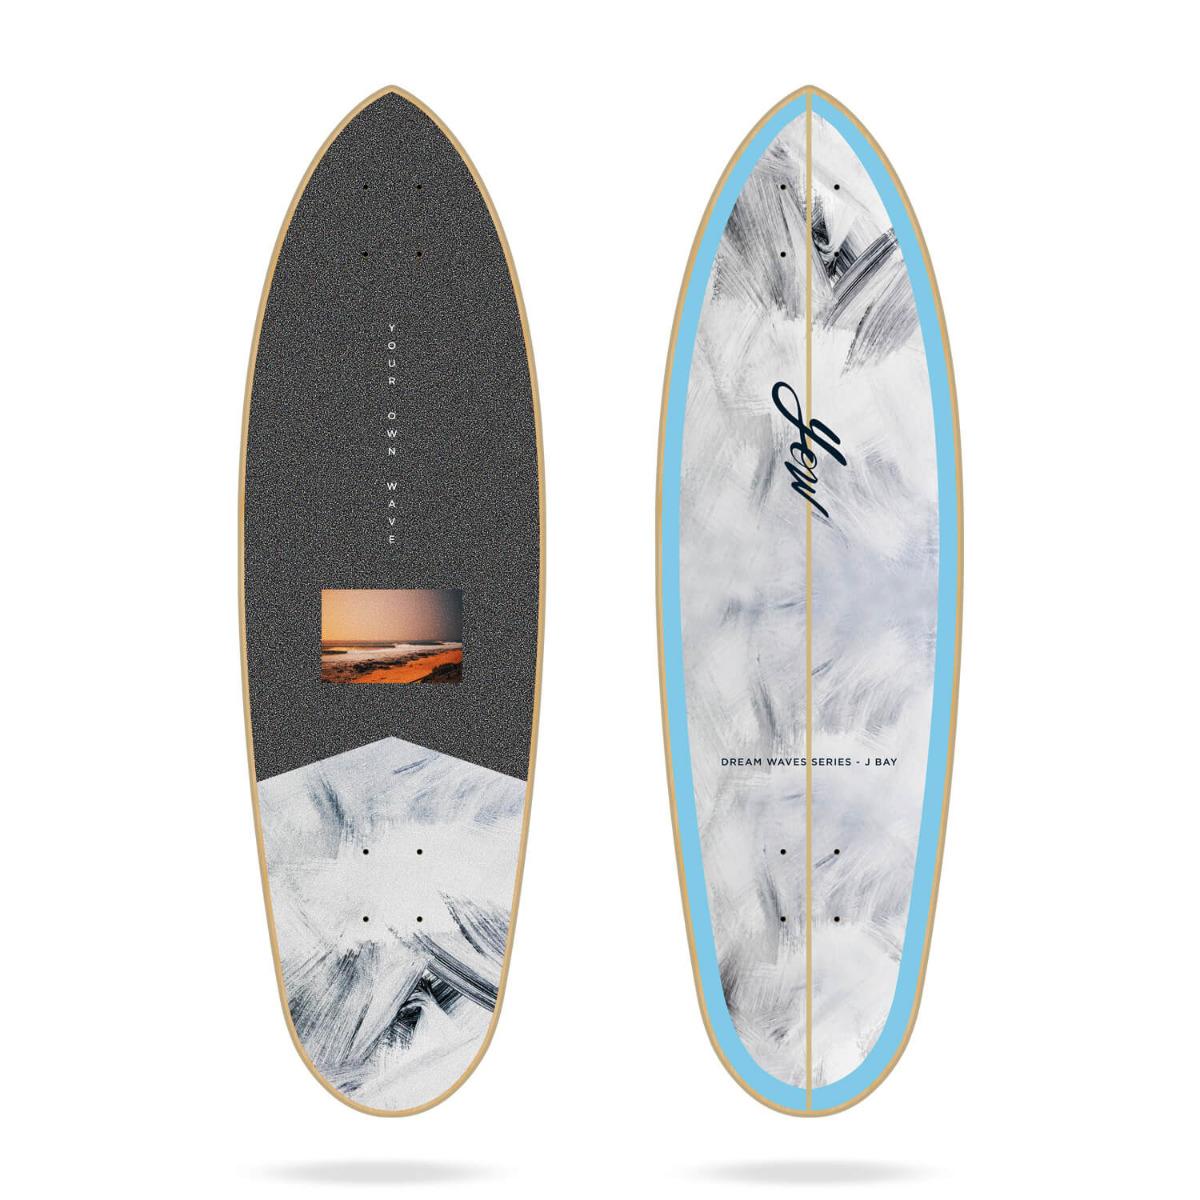 """Yow J-Bay 33"""" Dream Waves Series surfskate deck"""